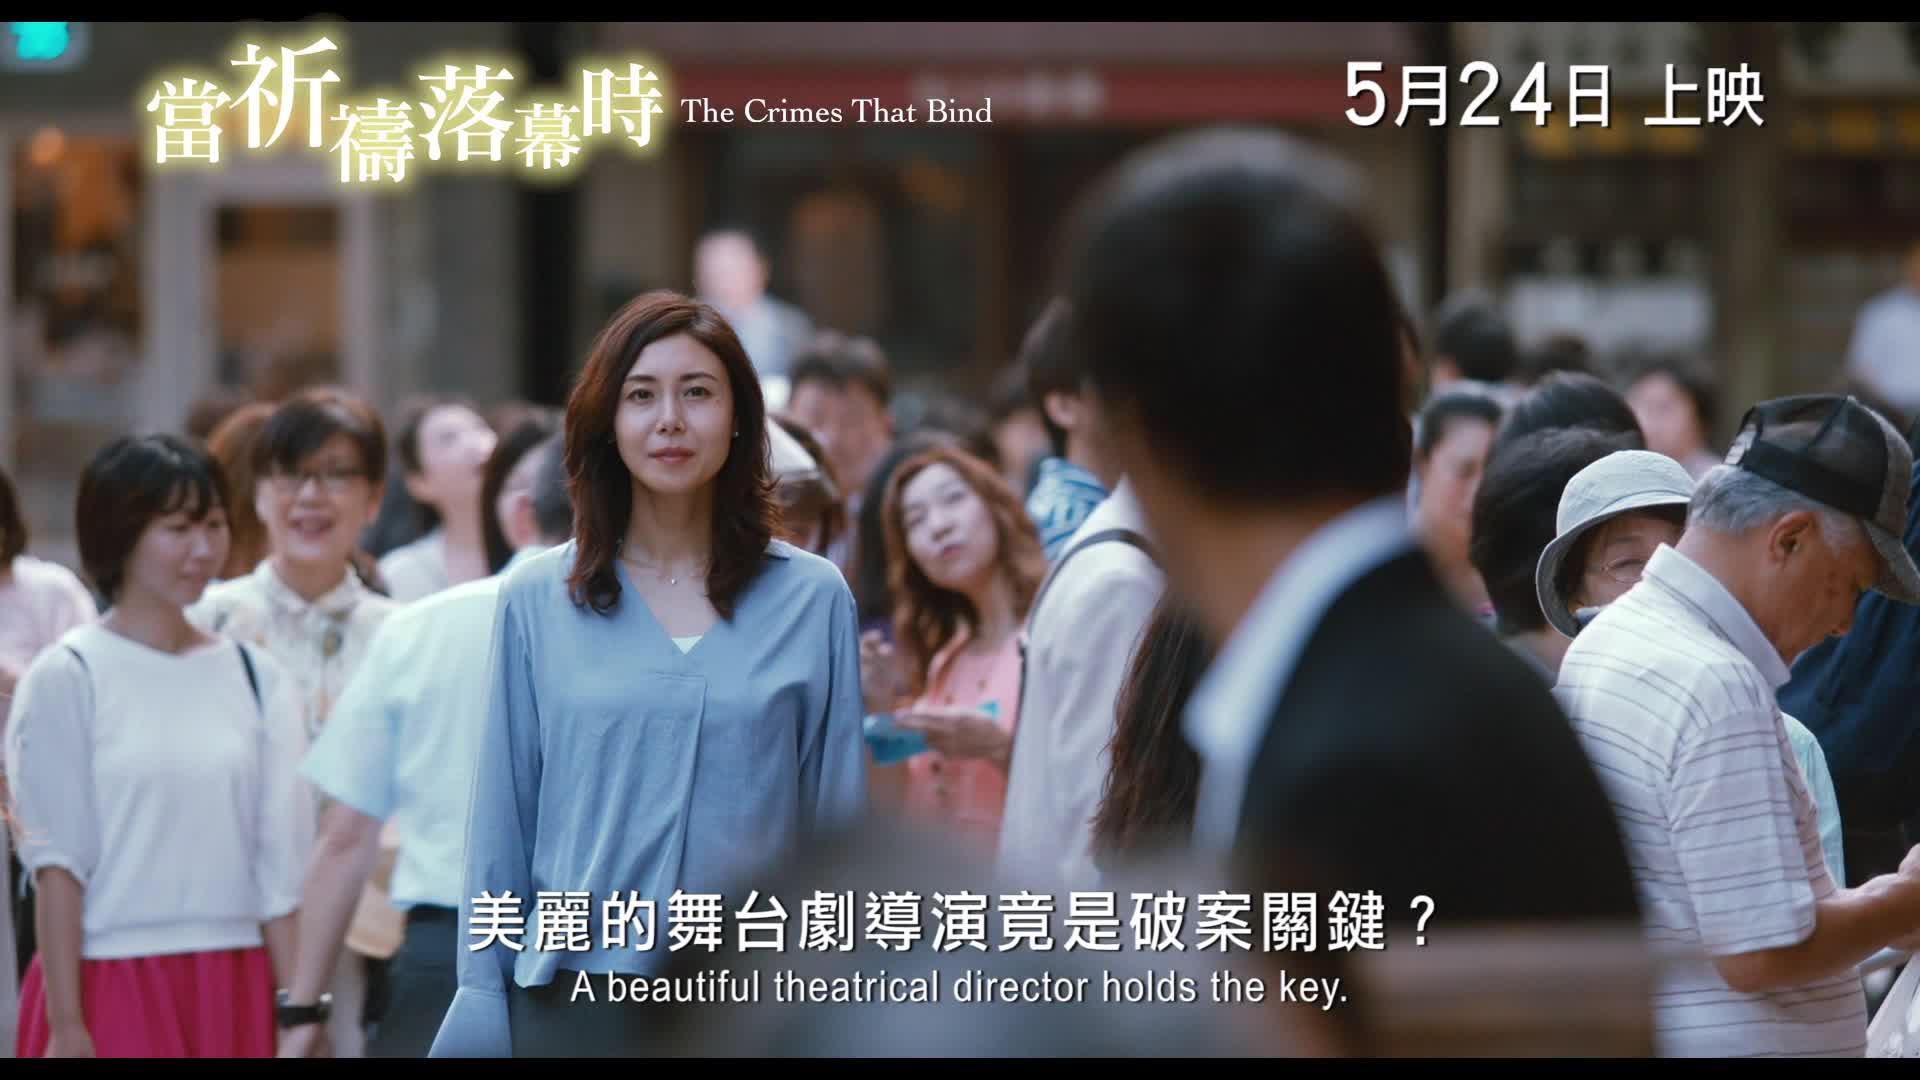 《當祈禱落幕時》中文版預告